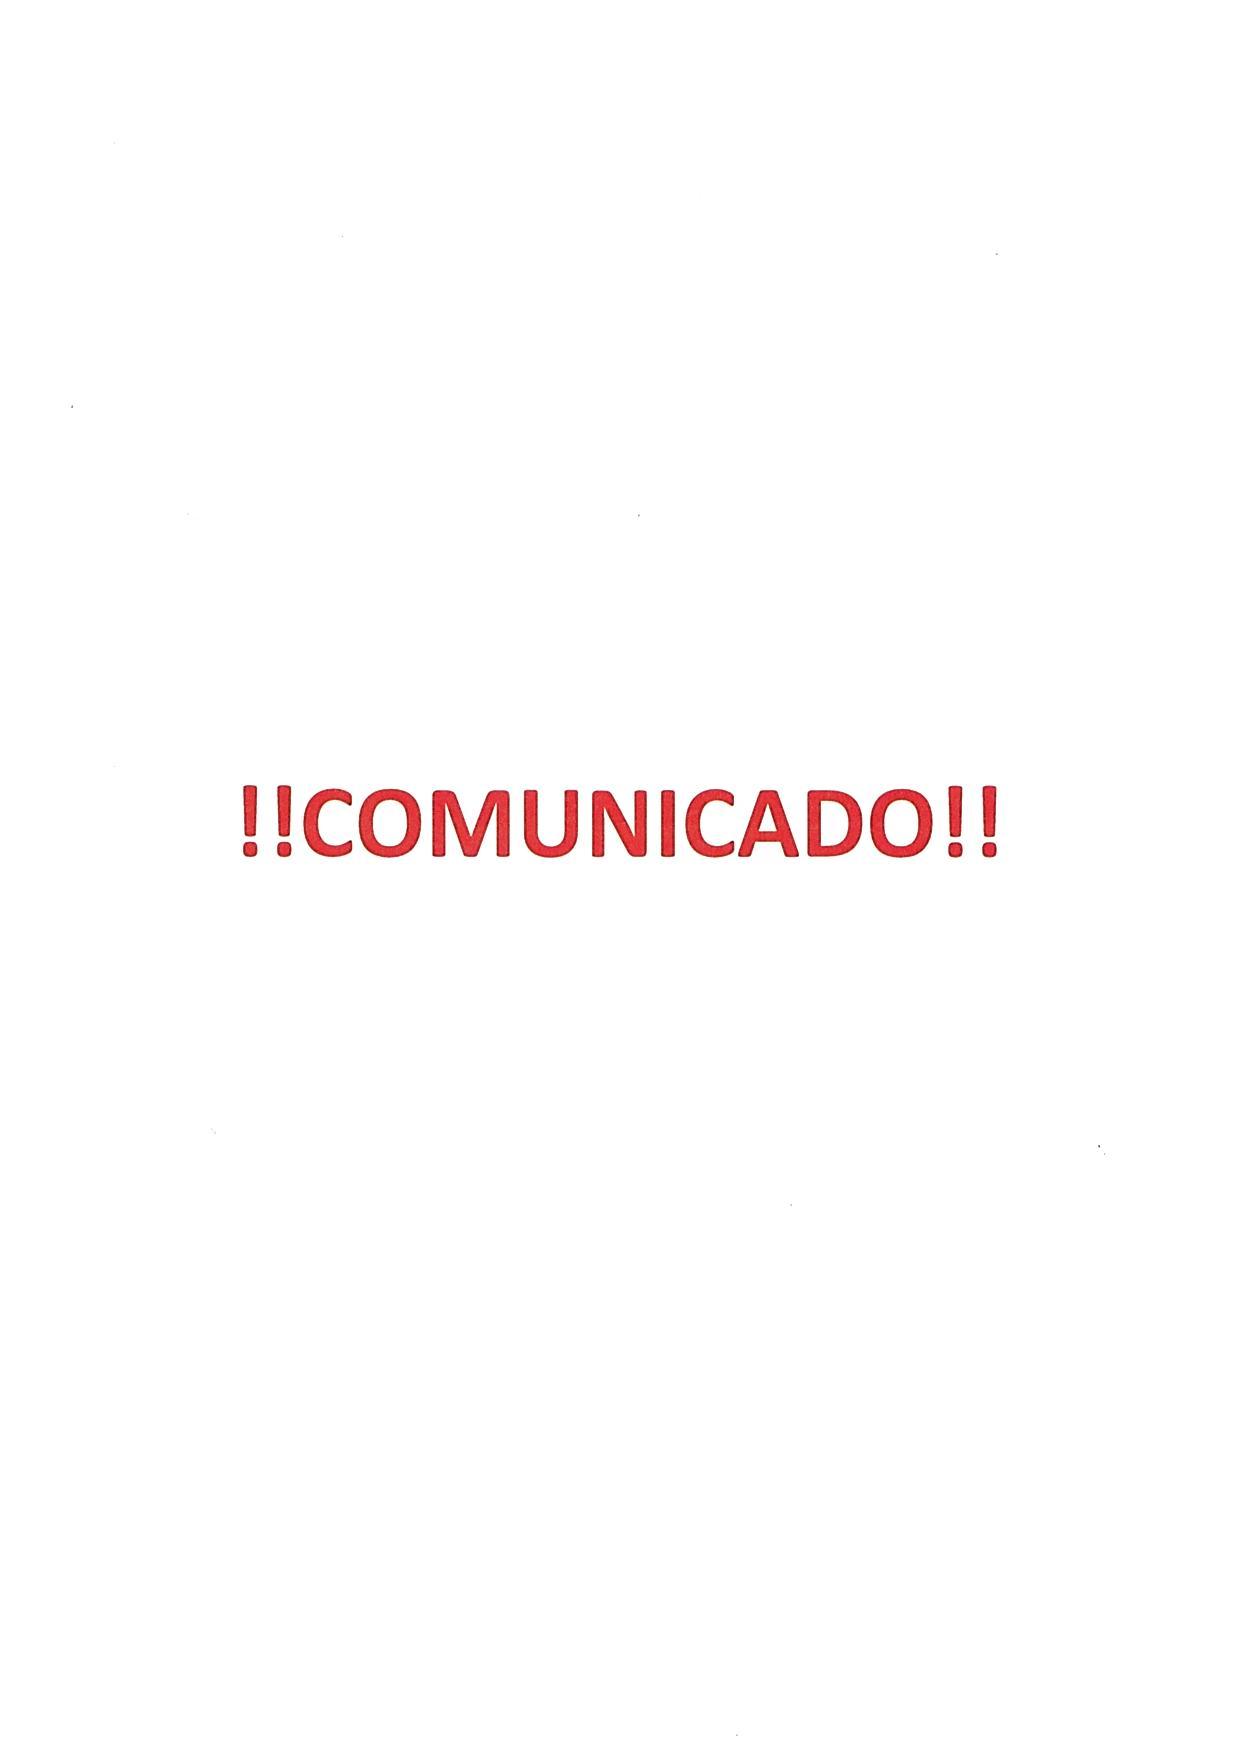 COMUNICADO – Atividades nos espaços sob jurisdição marítima